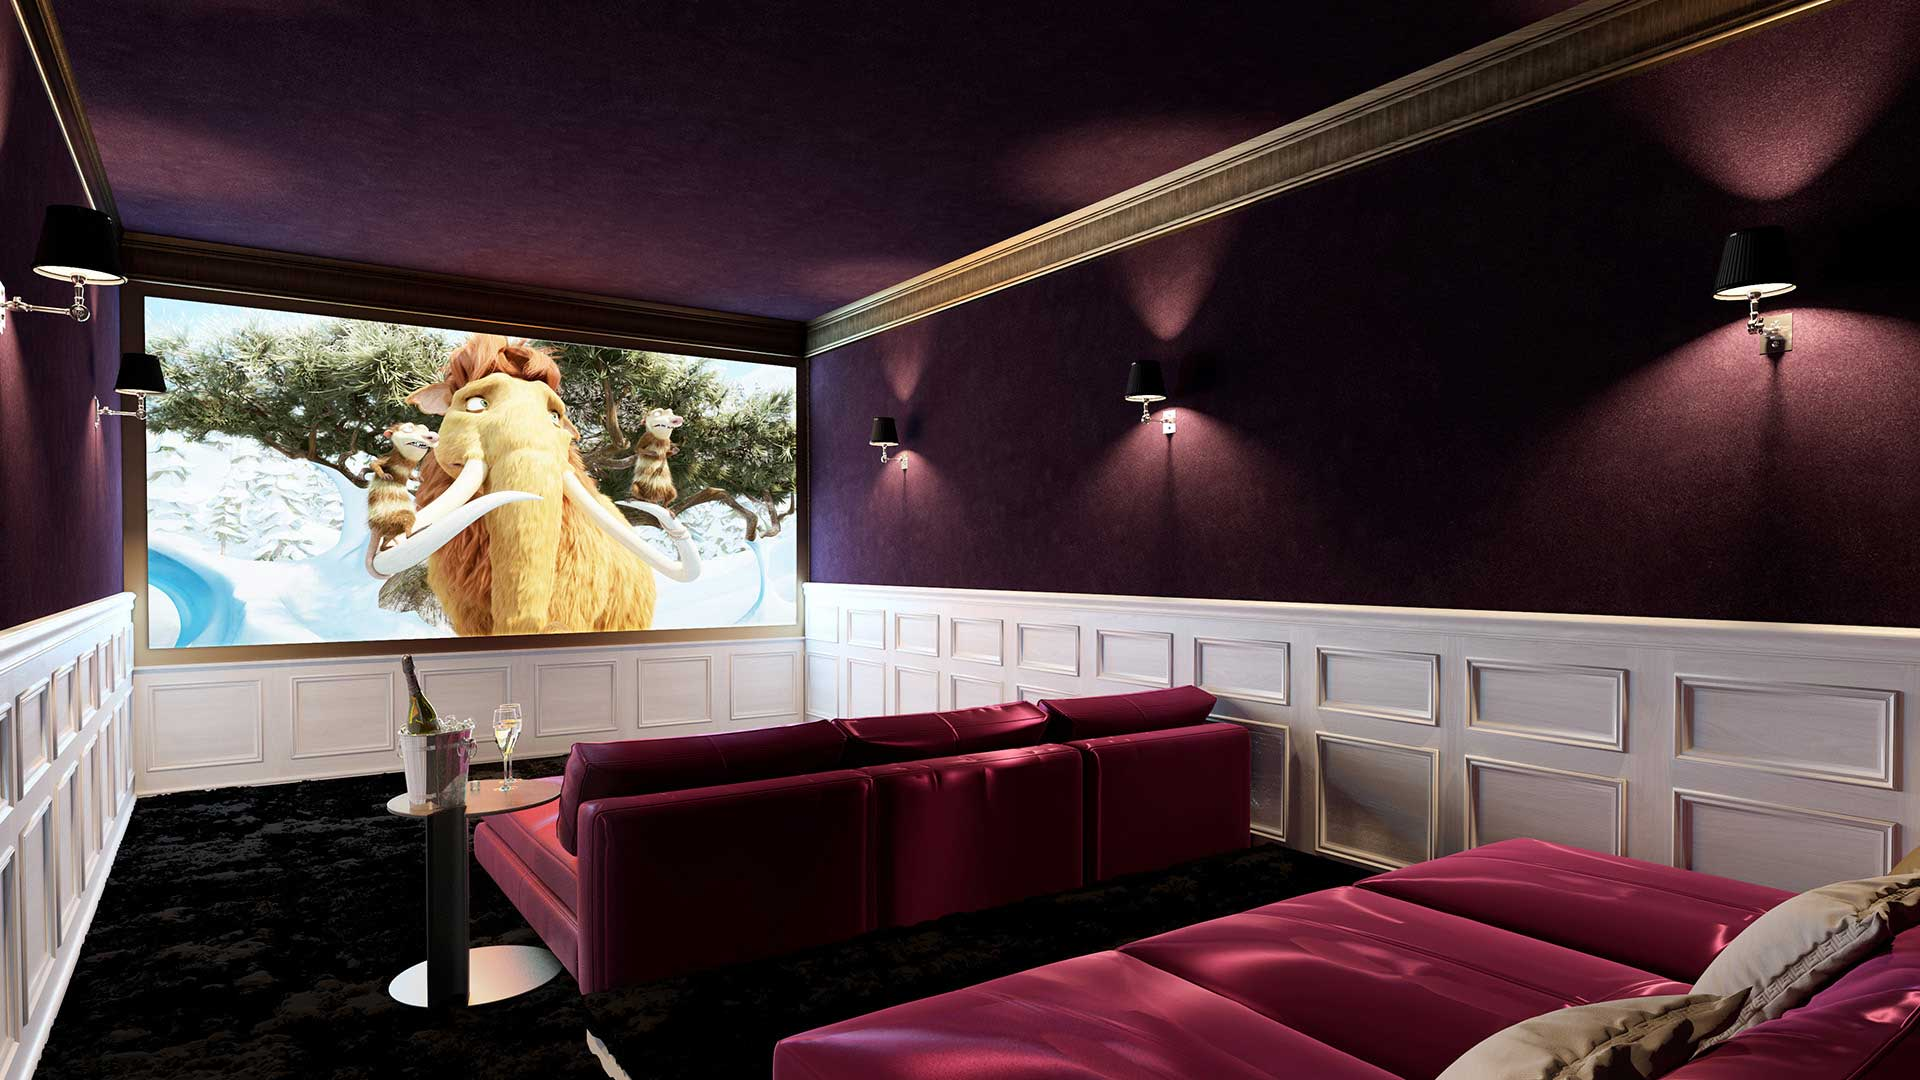 Vue 3D, perspective en image de synthèse d'une salle de cinéma personnelle dans une villa de luxe.